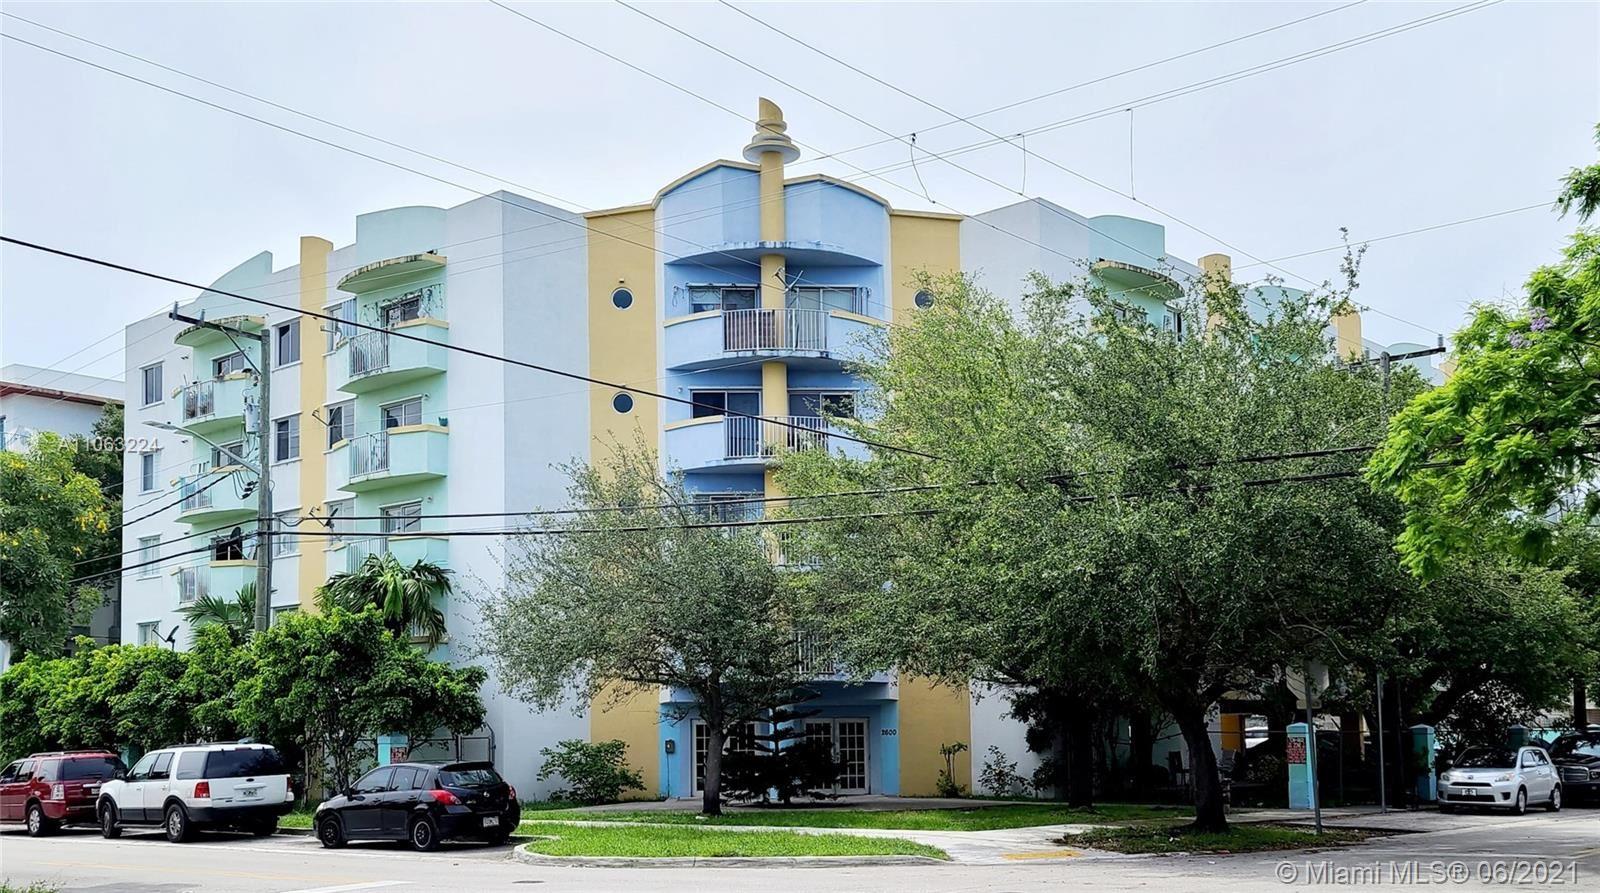 2600 NW 23rd Ct #208, Miami, FL 33142 - #: A11063224